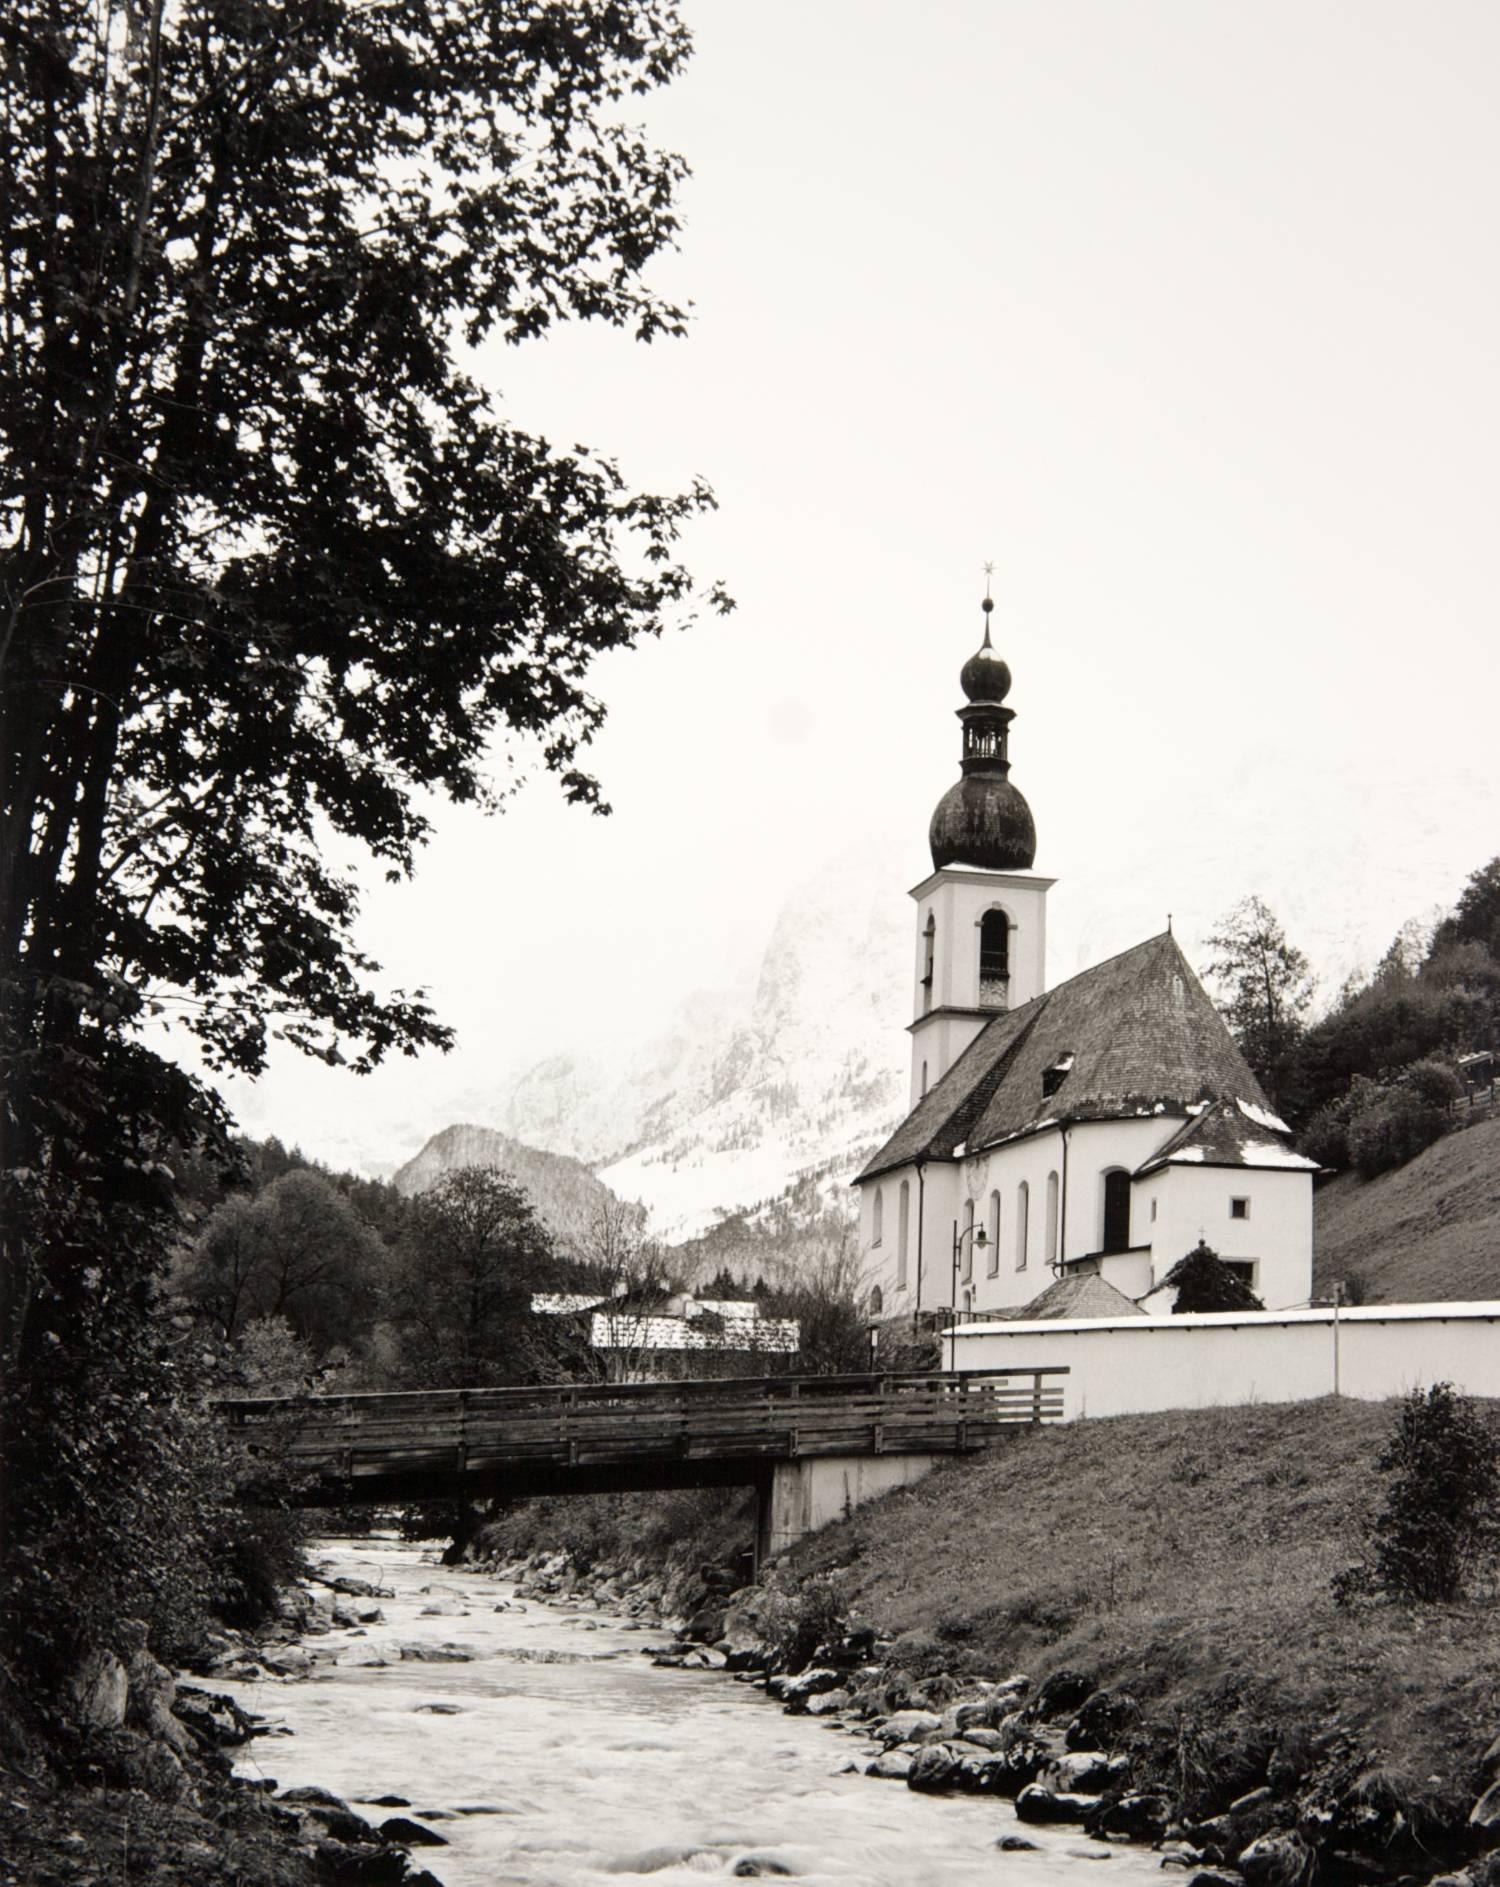 Church in Ramsau (Germany)